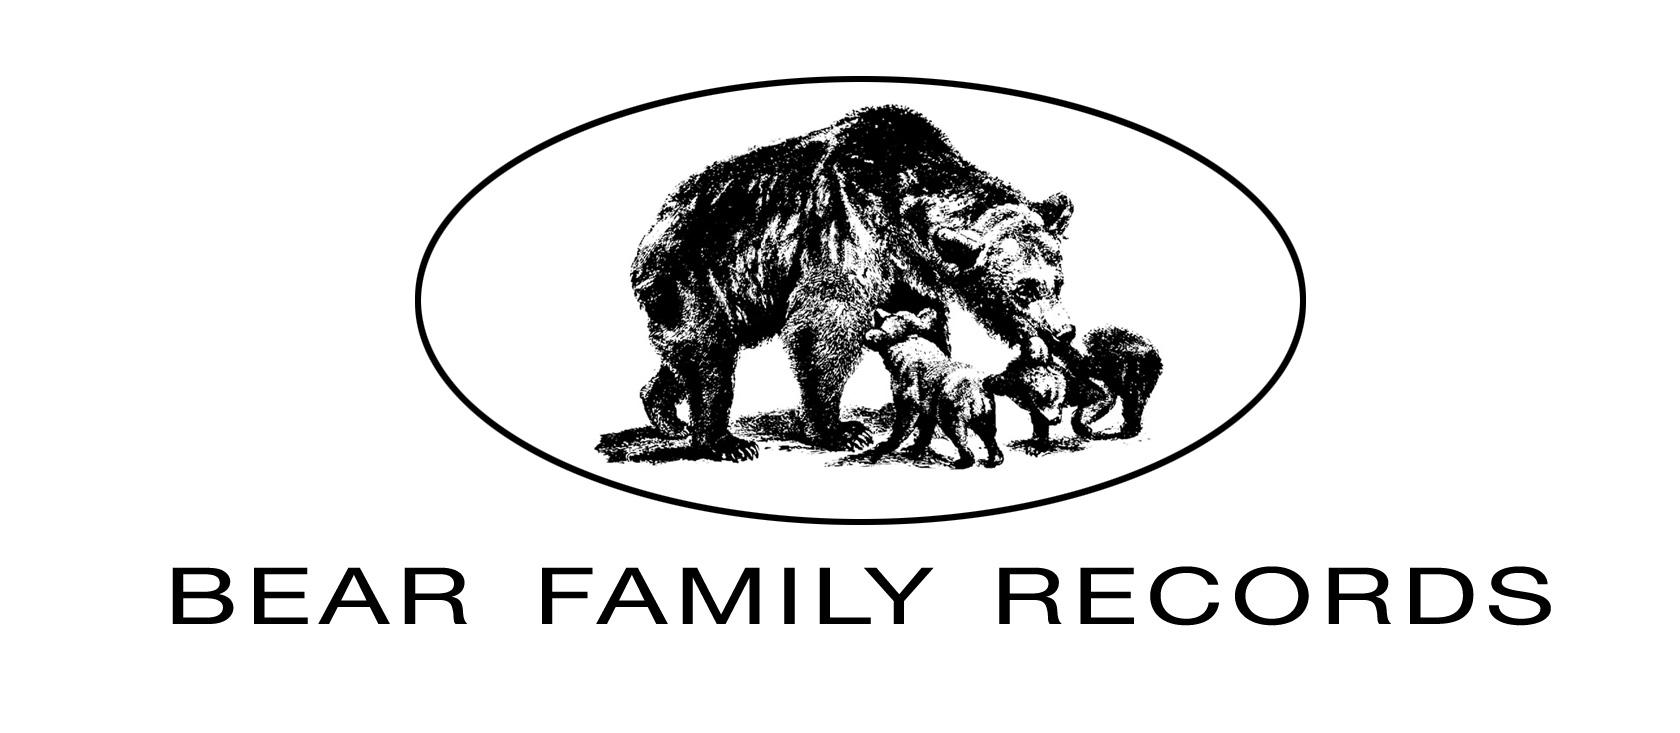 Caption: Bear Family